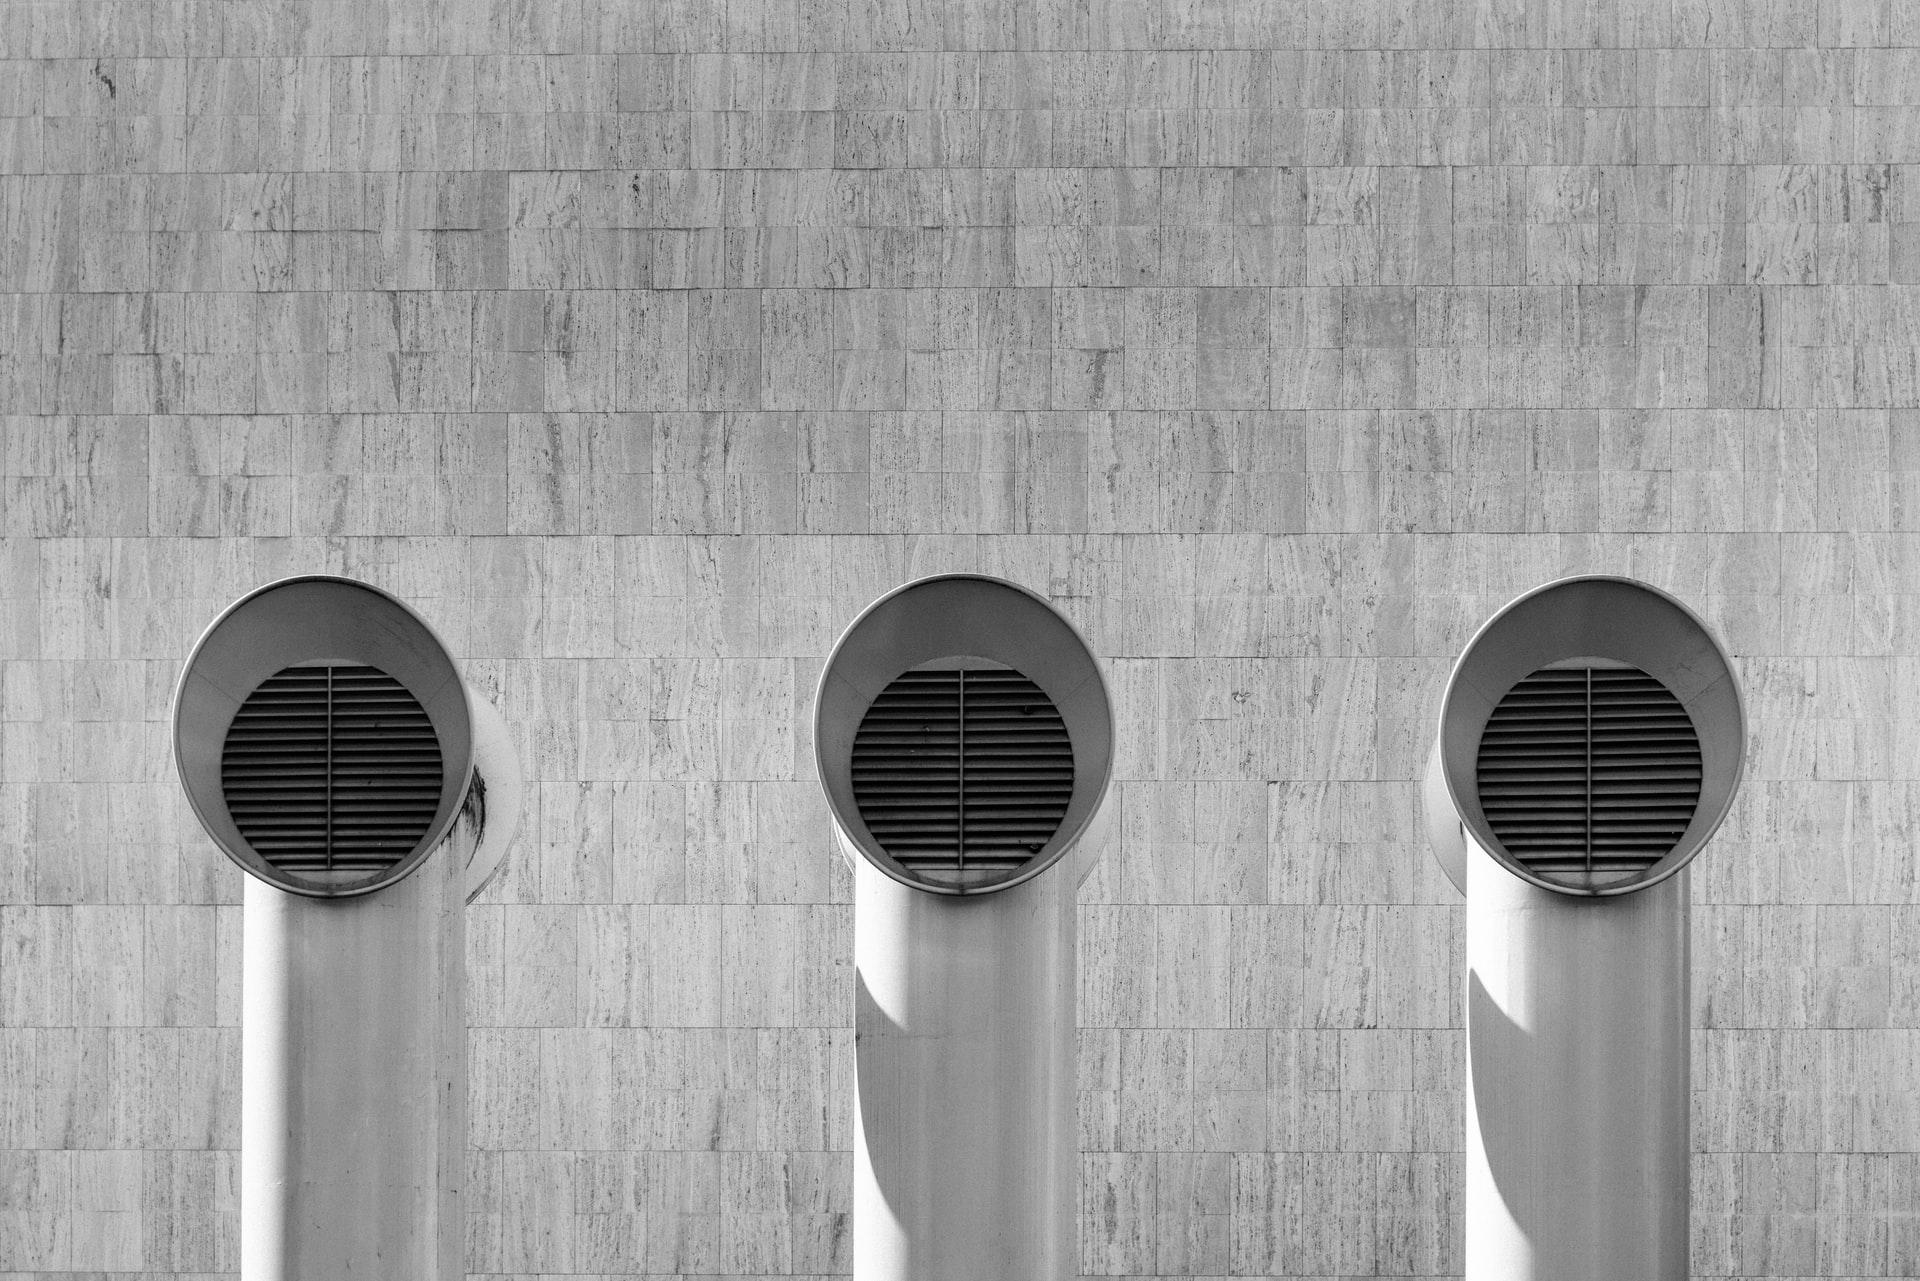 Le système de ventilation des fenêtres pour un bien-être et une qualité de l'air intérieur